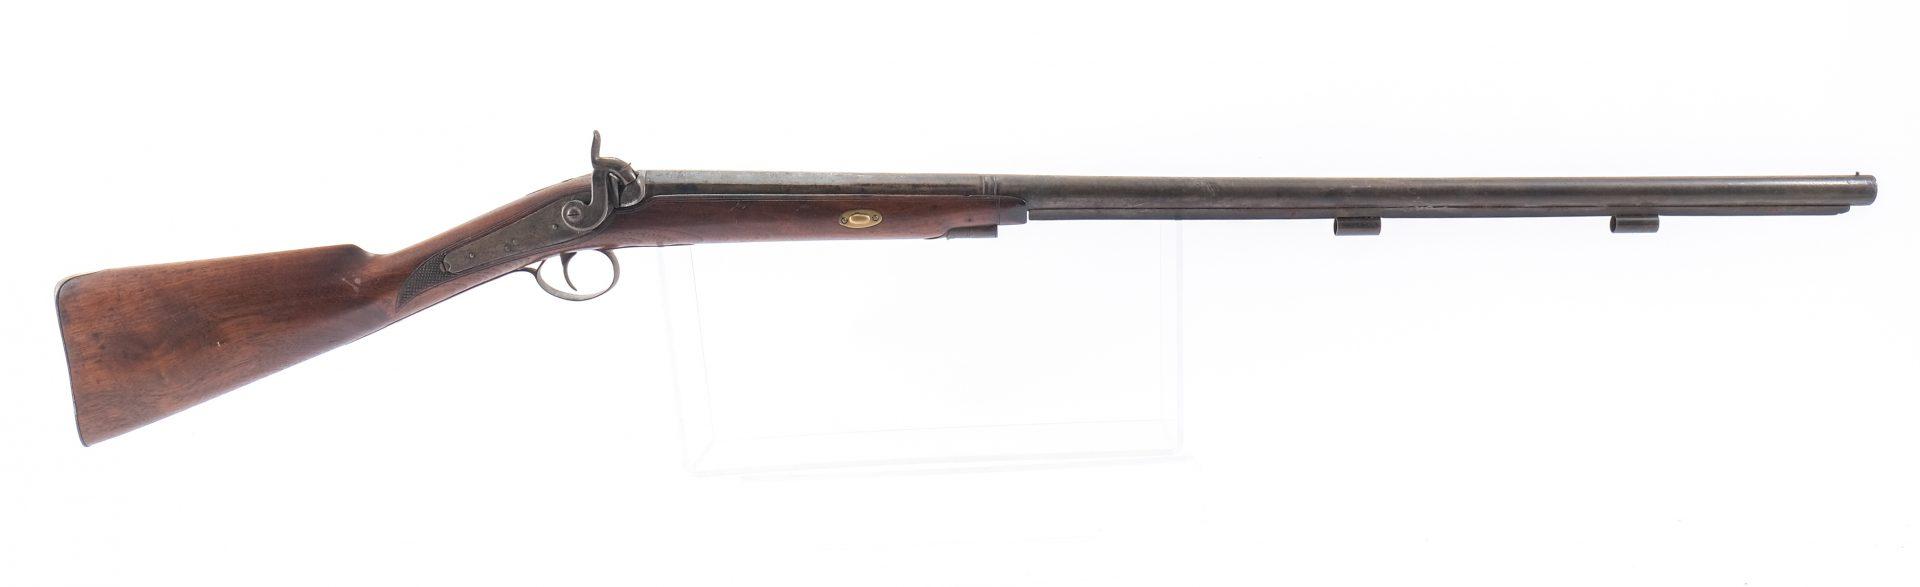 Unknown Black Powder Percussion Rifle